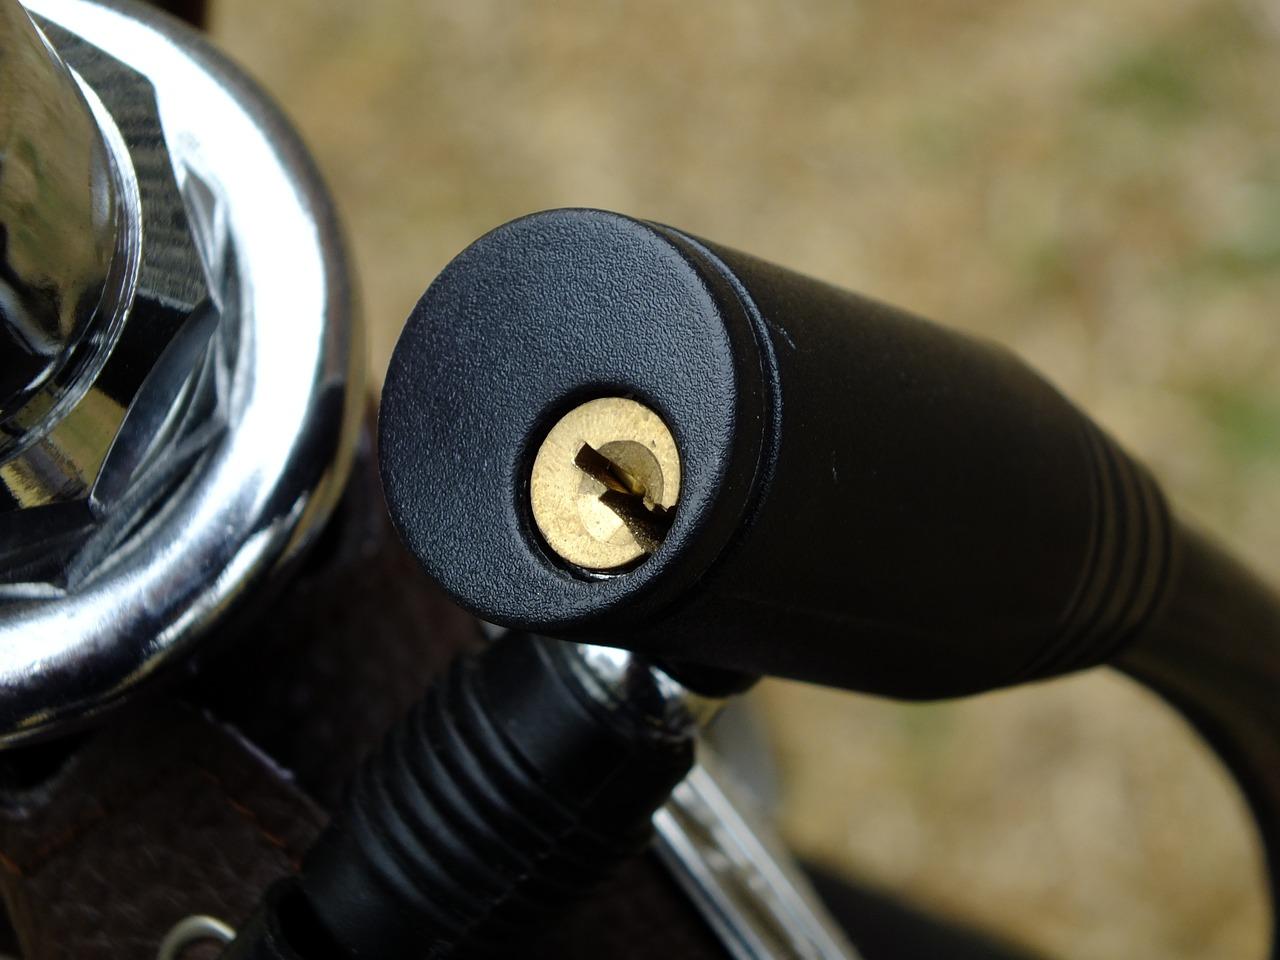 Key Hole Bike Lock Security - Free photo on Pixabay